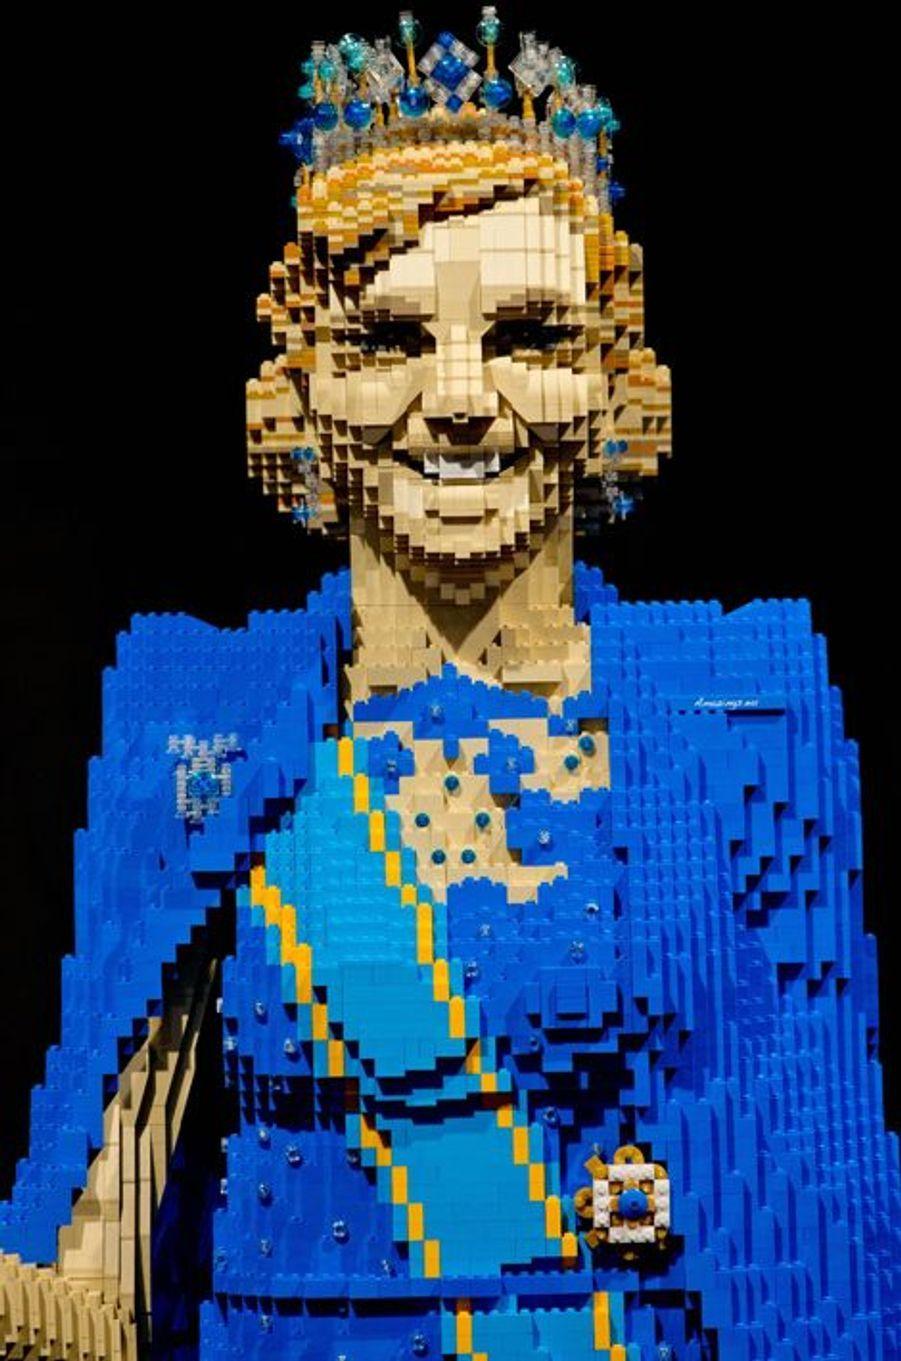 La reine Maxima statufiée en Lego par Dirk Denoyelle à Utrecht, le 16 octobre 2014